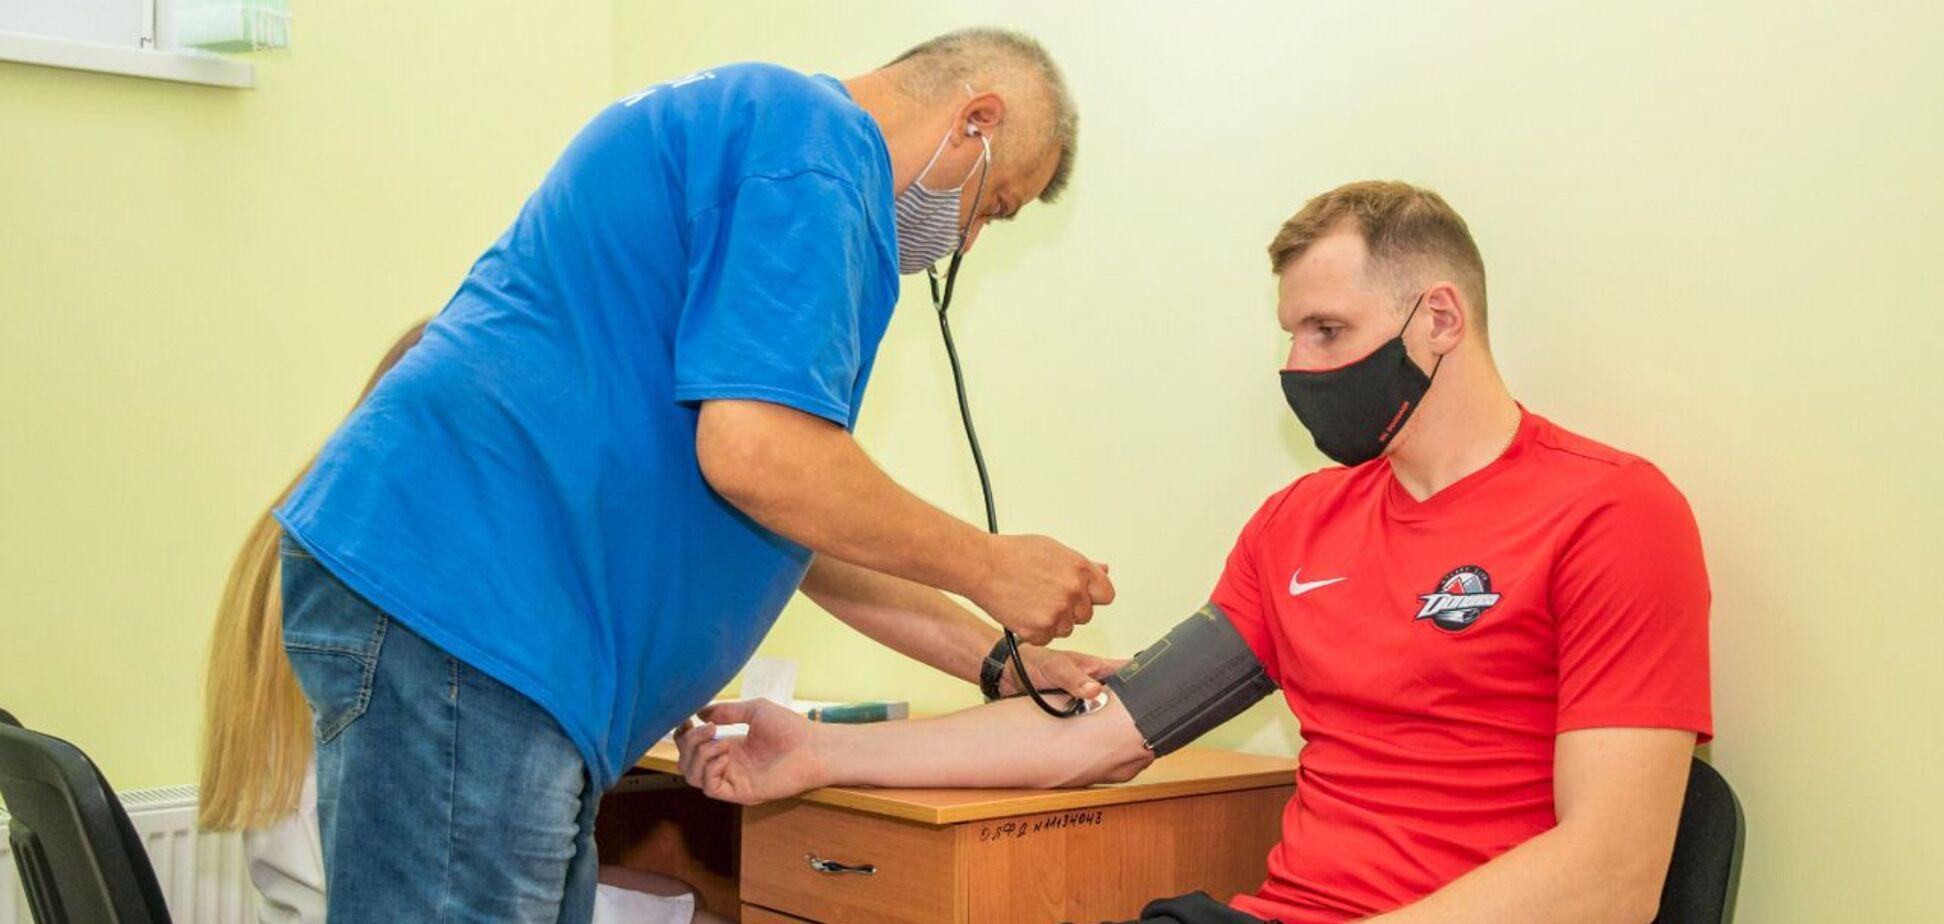 Гравці основної команди ХК 'Донбас' пройшли медичний огляд